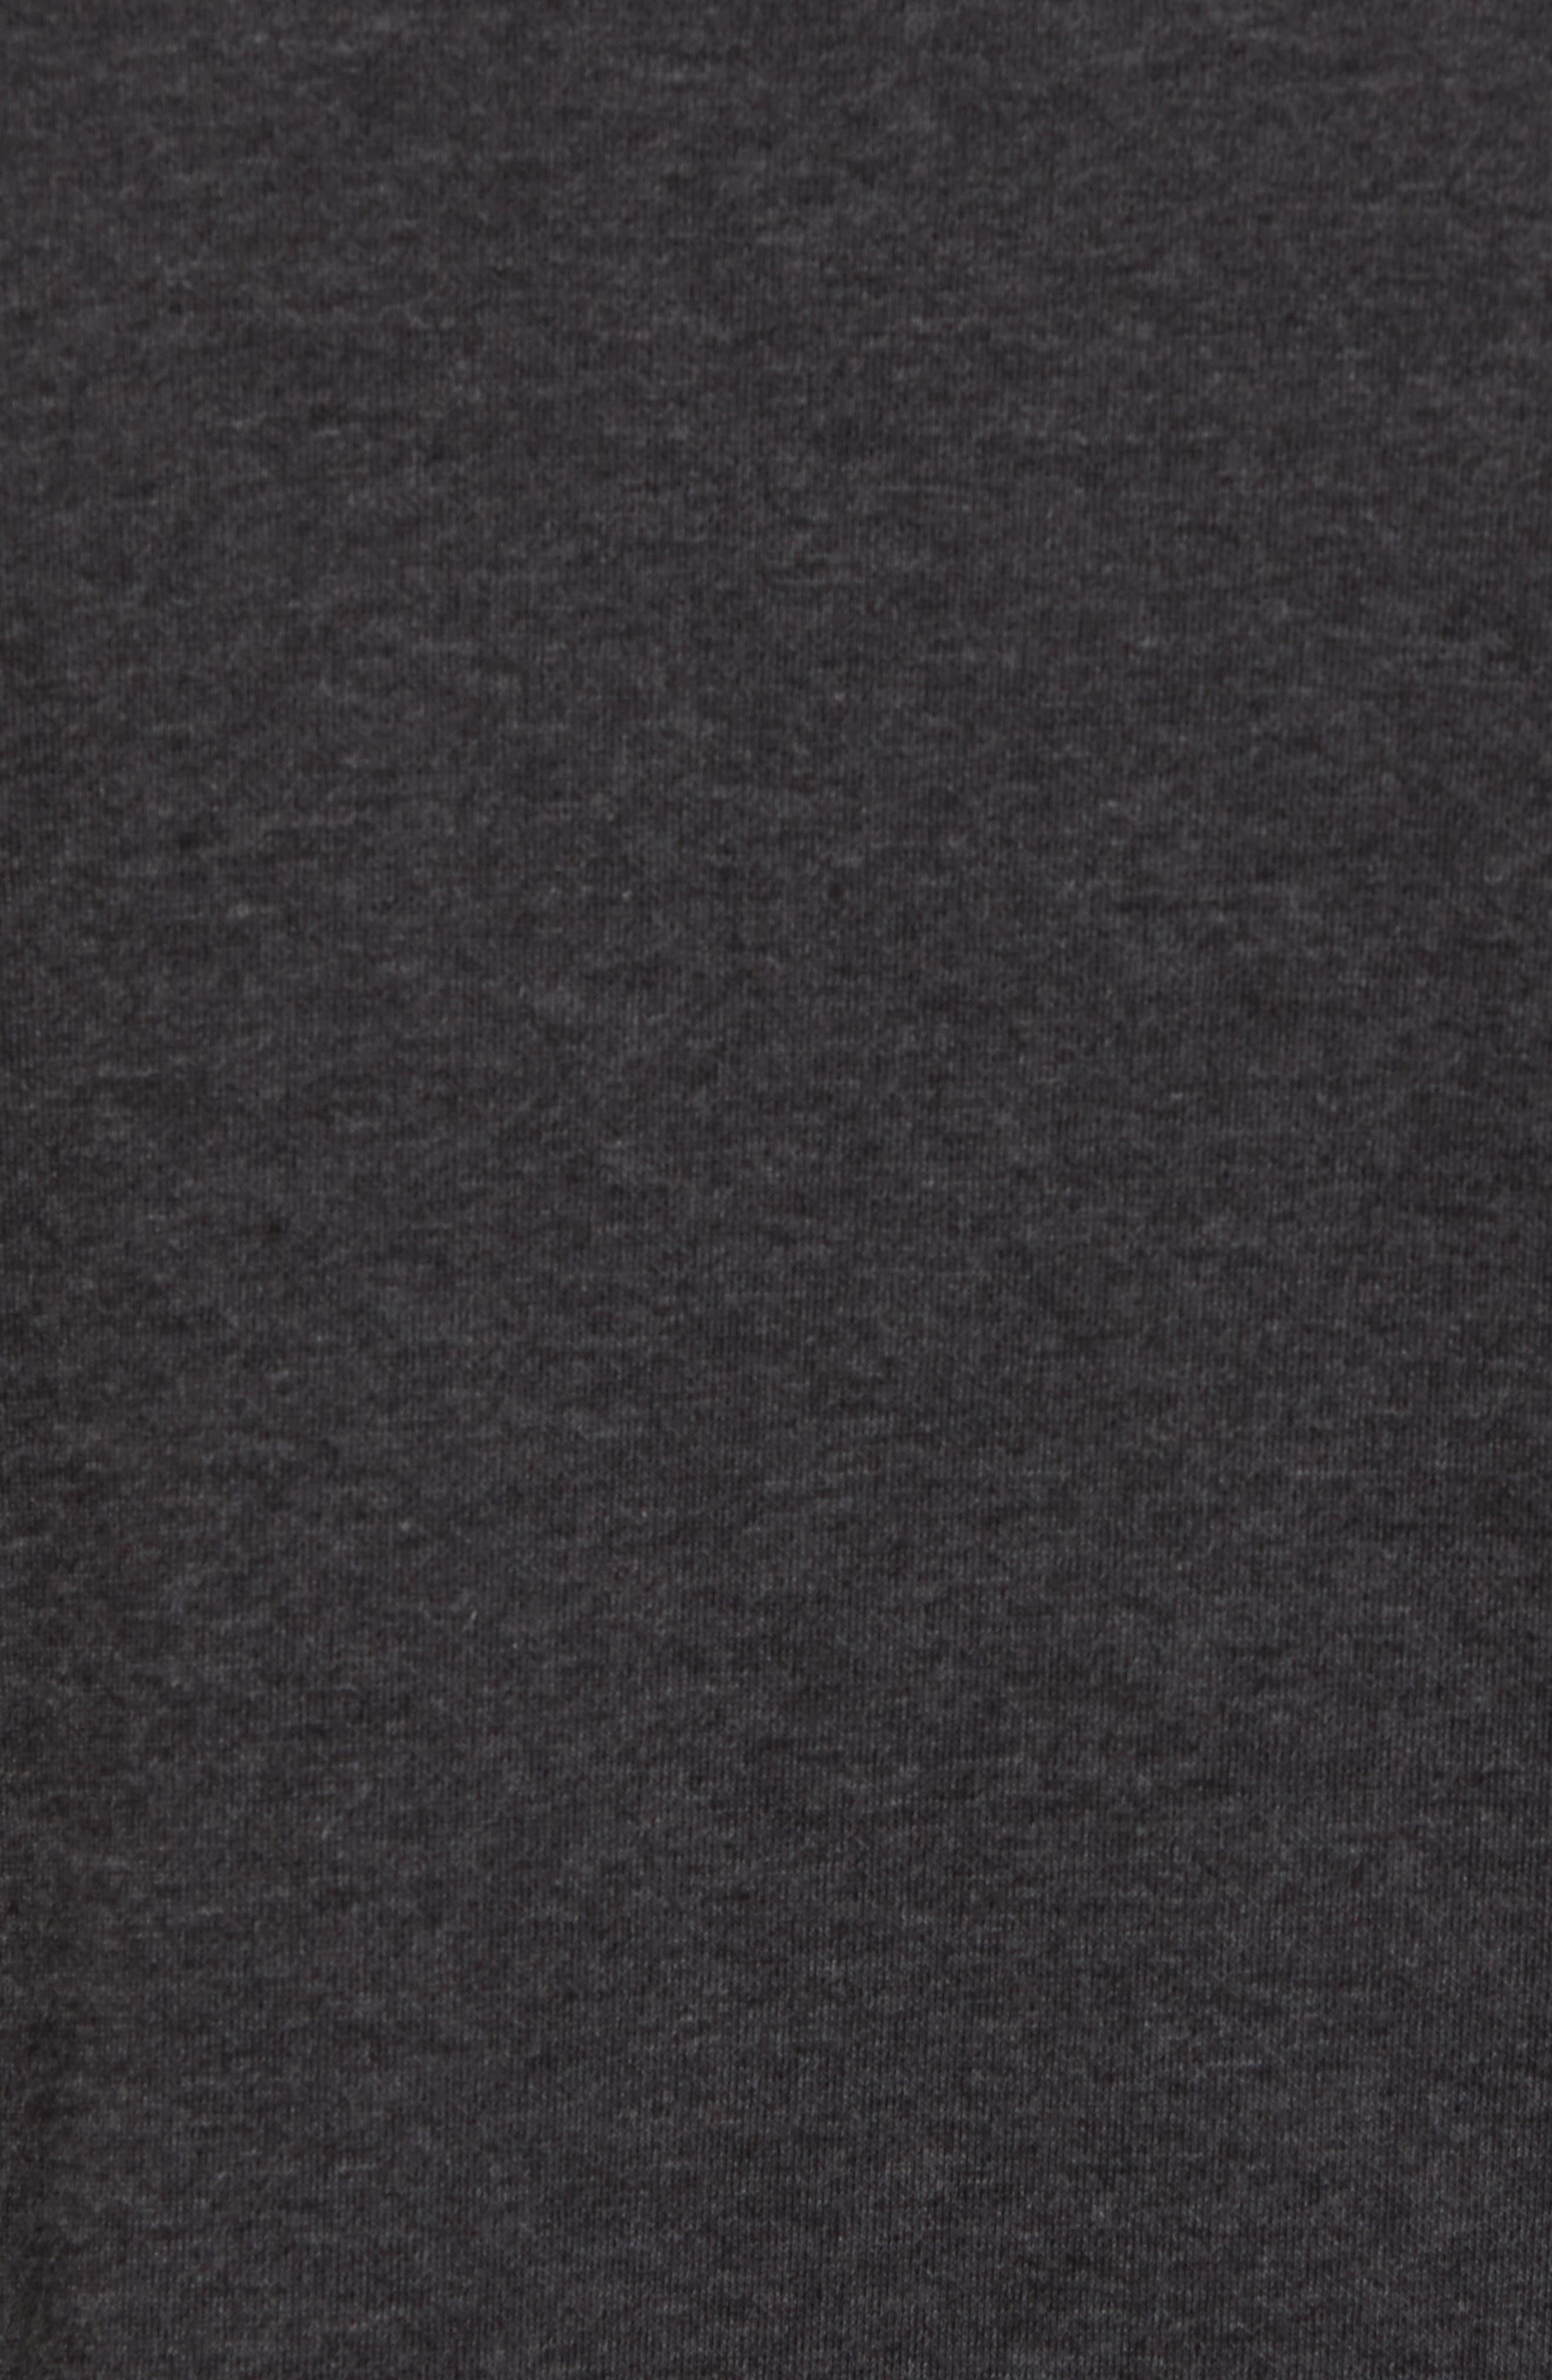 Mock Neck Long Sleeve Running T-Shirt,                             Alternate thumbnail 5, color,                             010